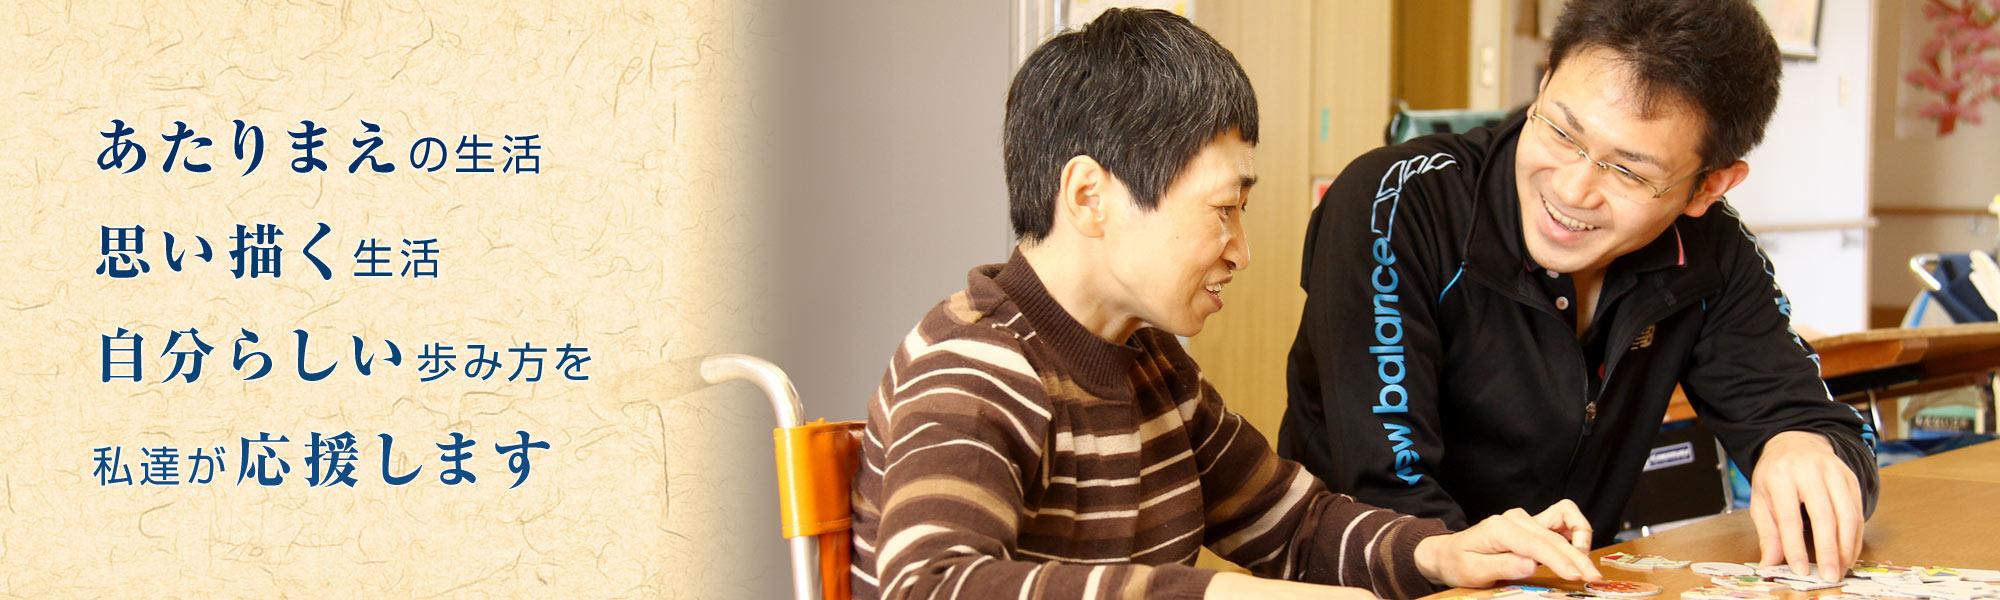 青森県黒石市の入所・生活介護・グループホーム・障がい児支援をする障がい者支援施設「山郷館黒石グループ」からだにやさしく、こころにやさしい、自分らしい人生を。